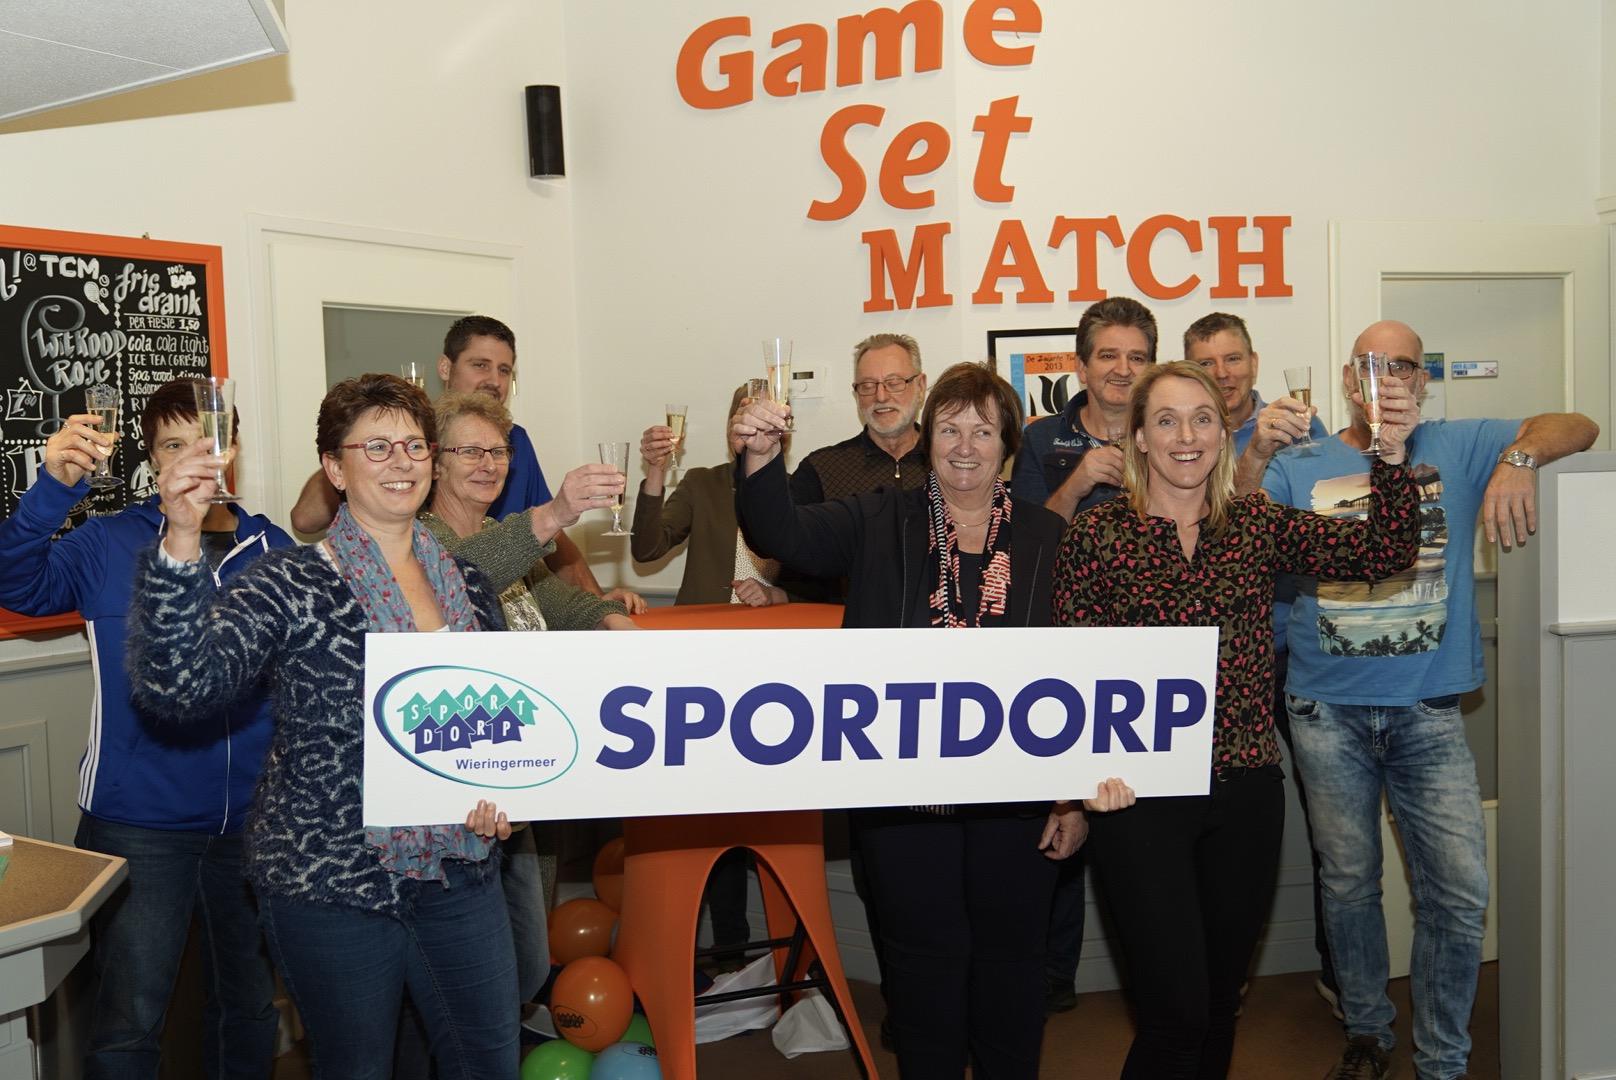 Wethouder Mary van Gent samen met de ploeg van Teamsportservice bij het bord (Foto: Pascal van As)